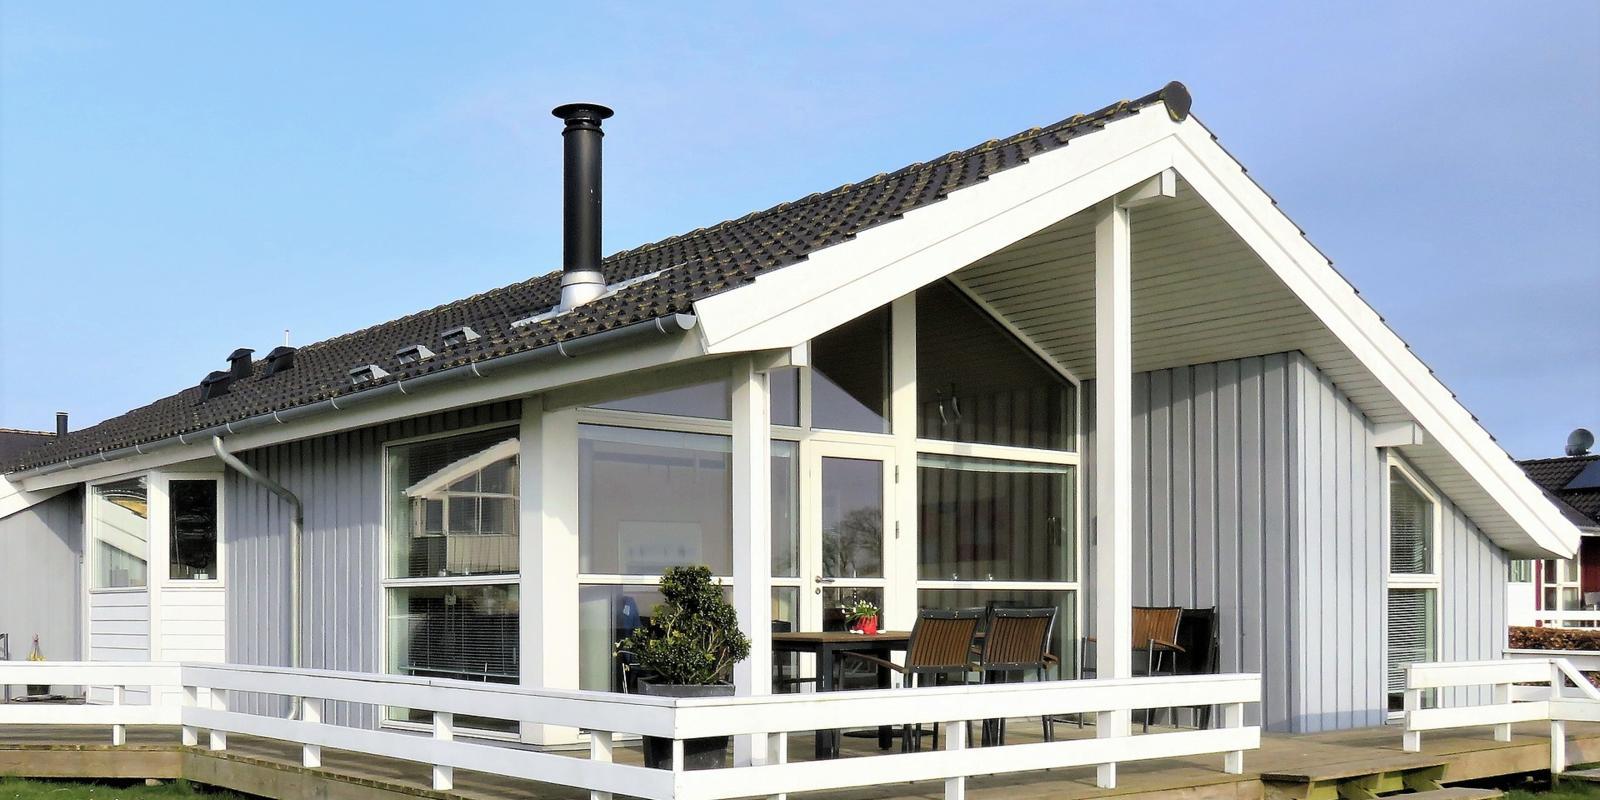 moderne bungalow bouwen kosten